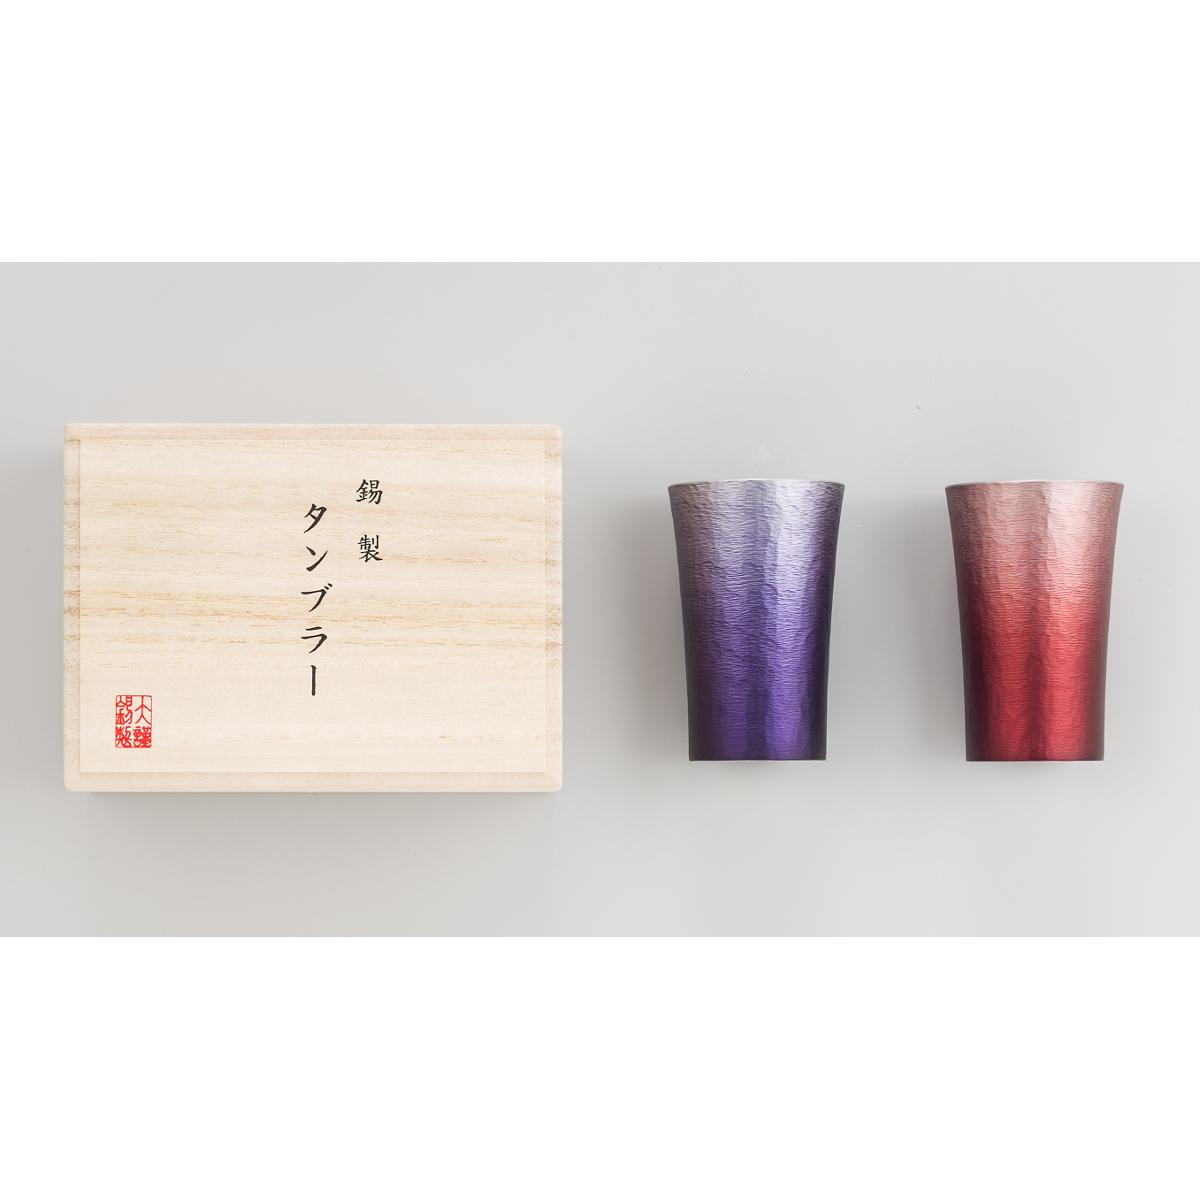 【大阪錫器】錫製タンブラー 2客セット 200ml